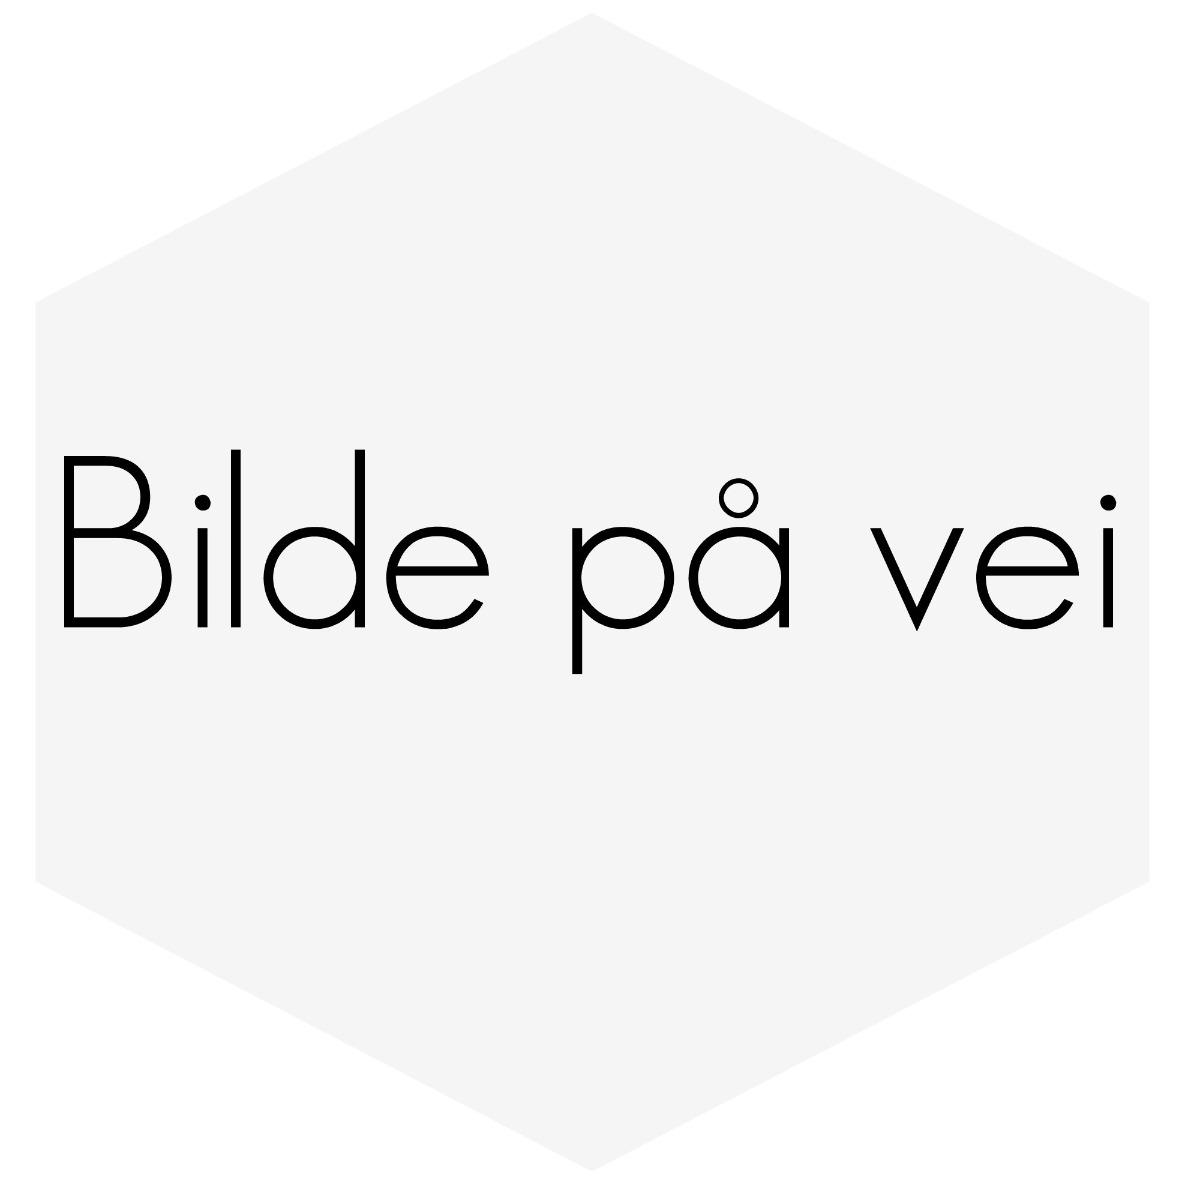 FELG ALU 8,5X19 5PÅ108 ET6,KJENT SOM MK18  PRIS STK BLANK